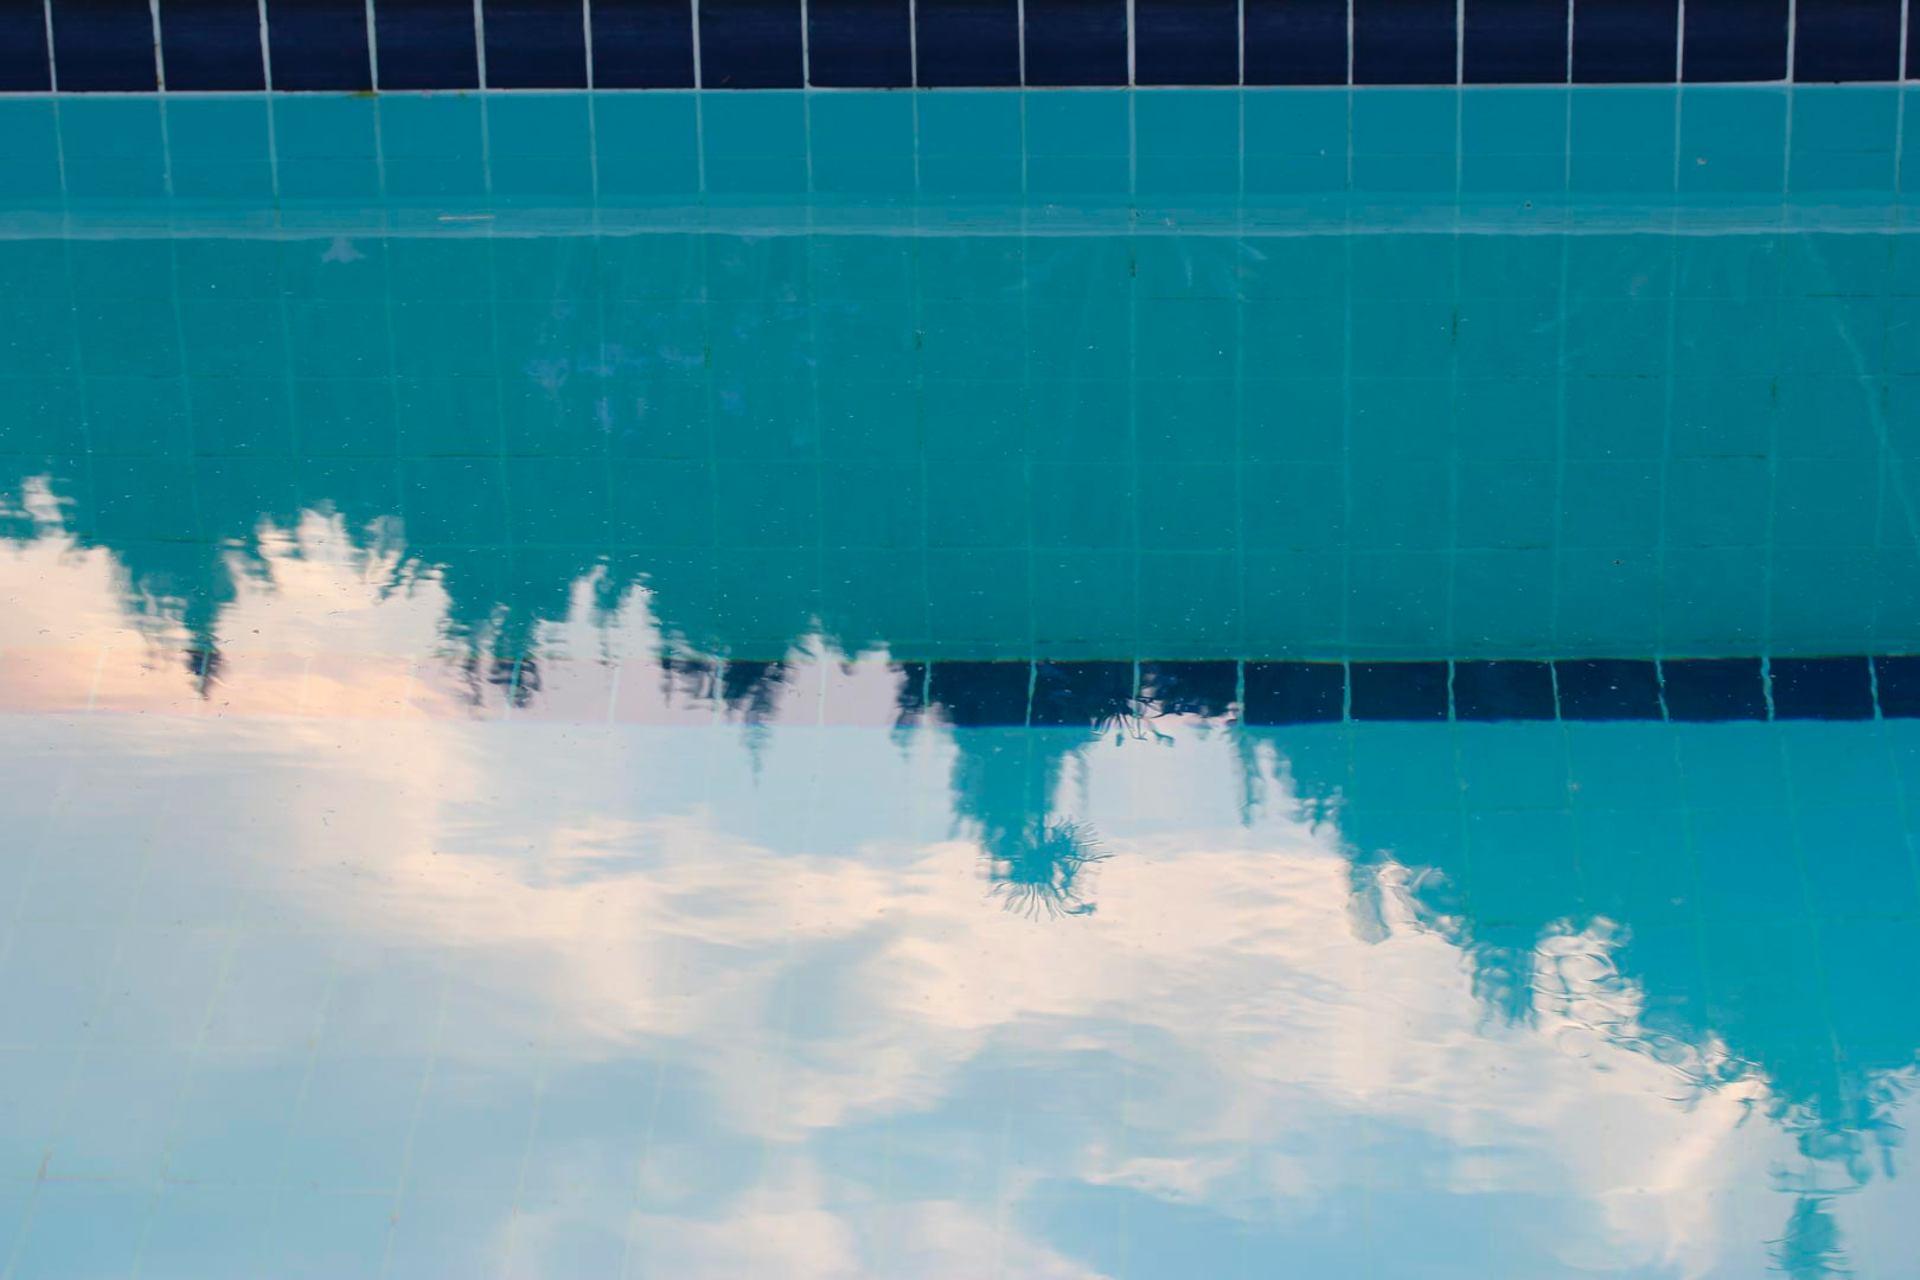 La piscine IMG_4262.jpg